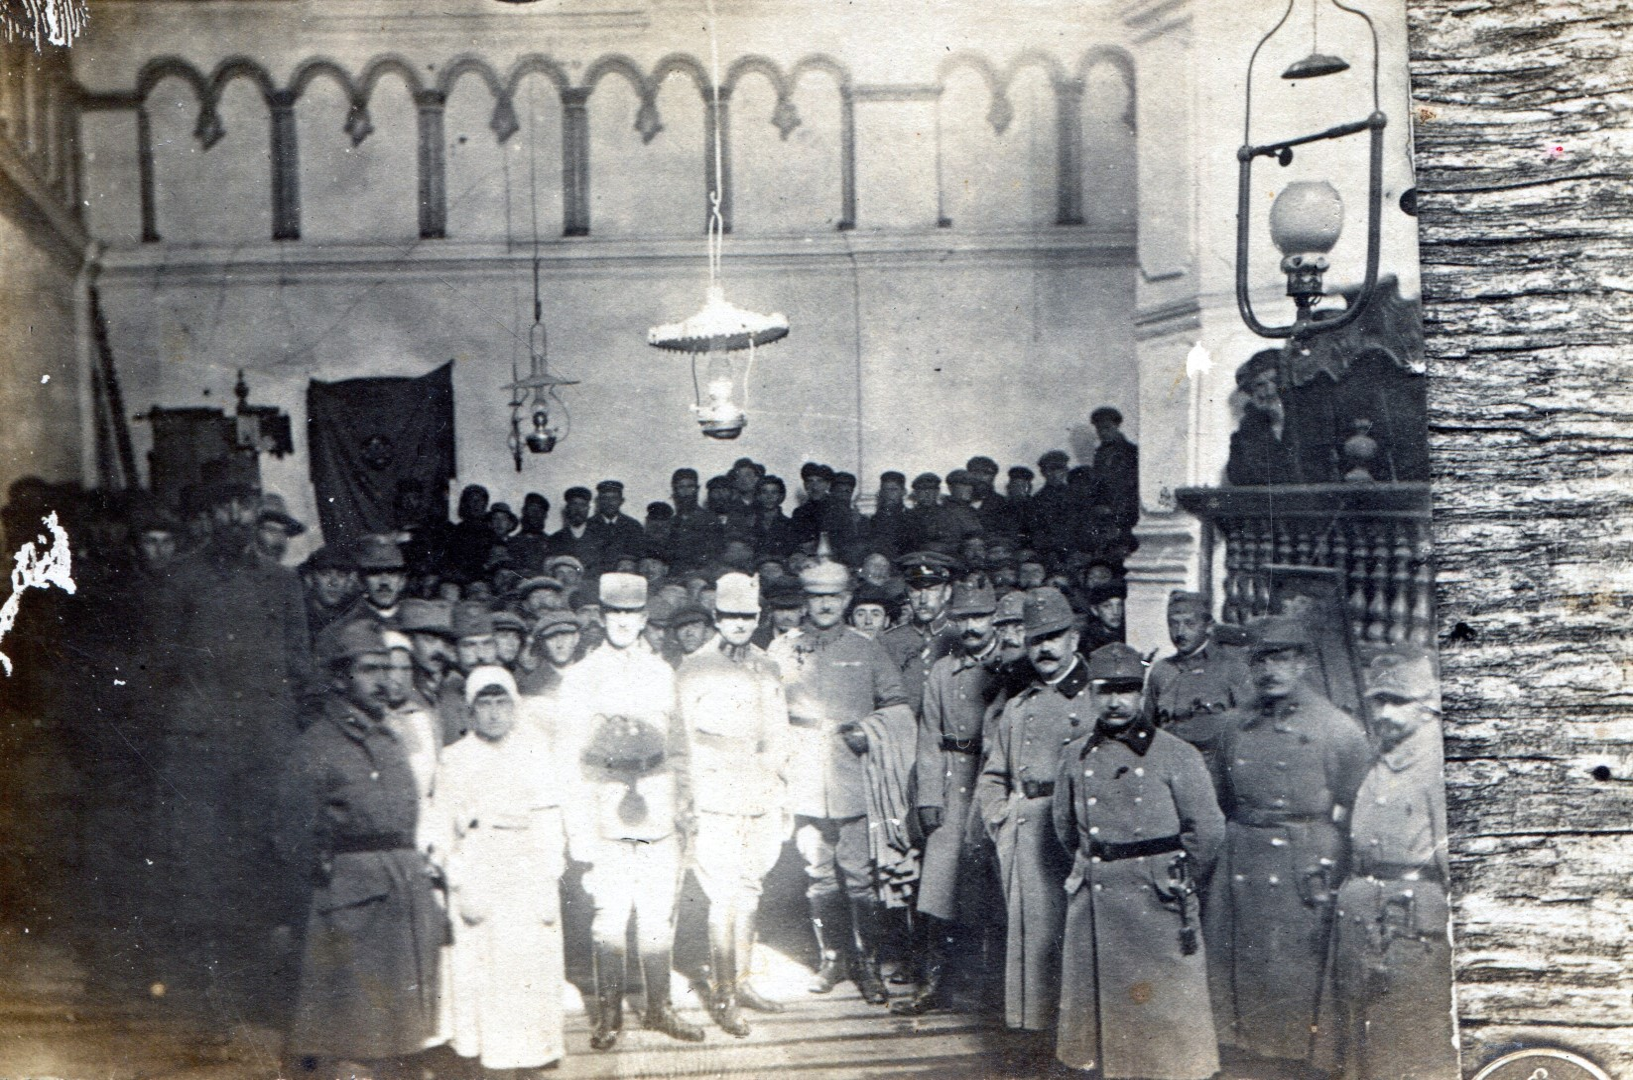 רובנה מלחמת העולם הראשונה